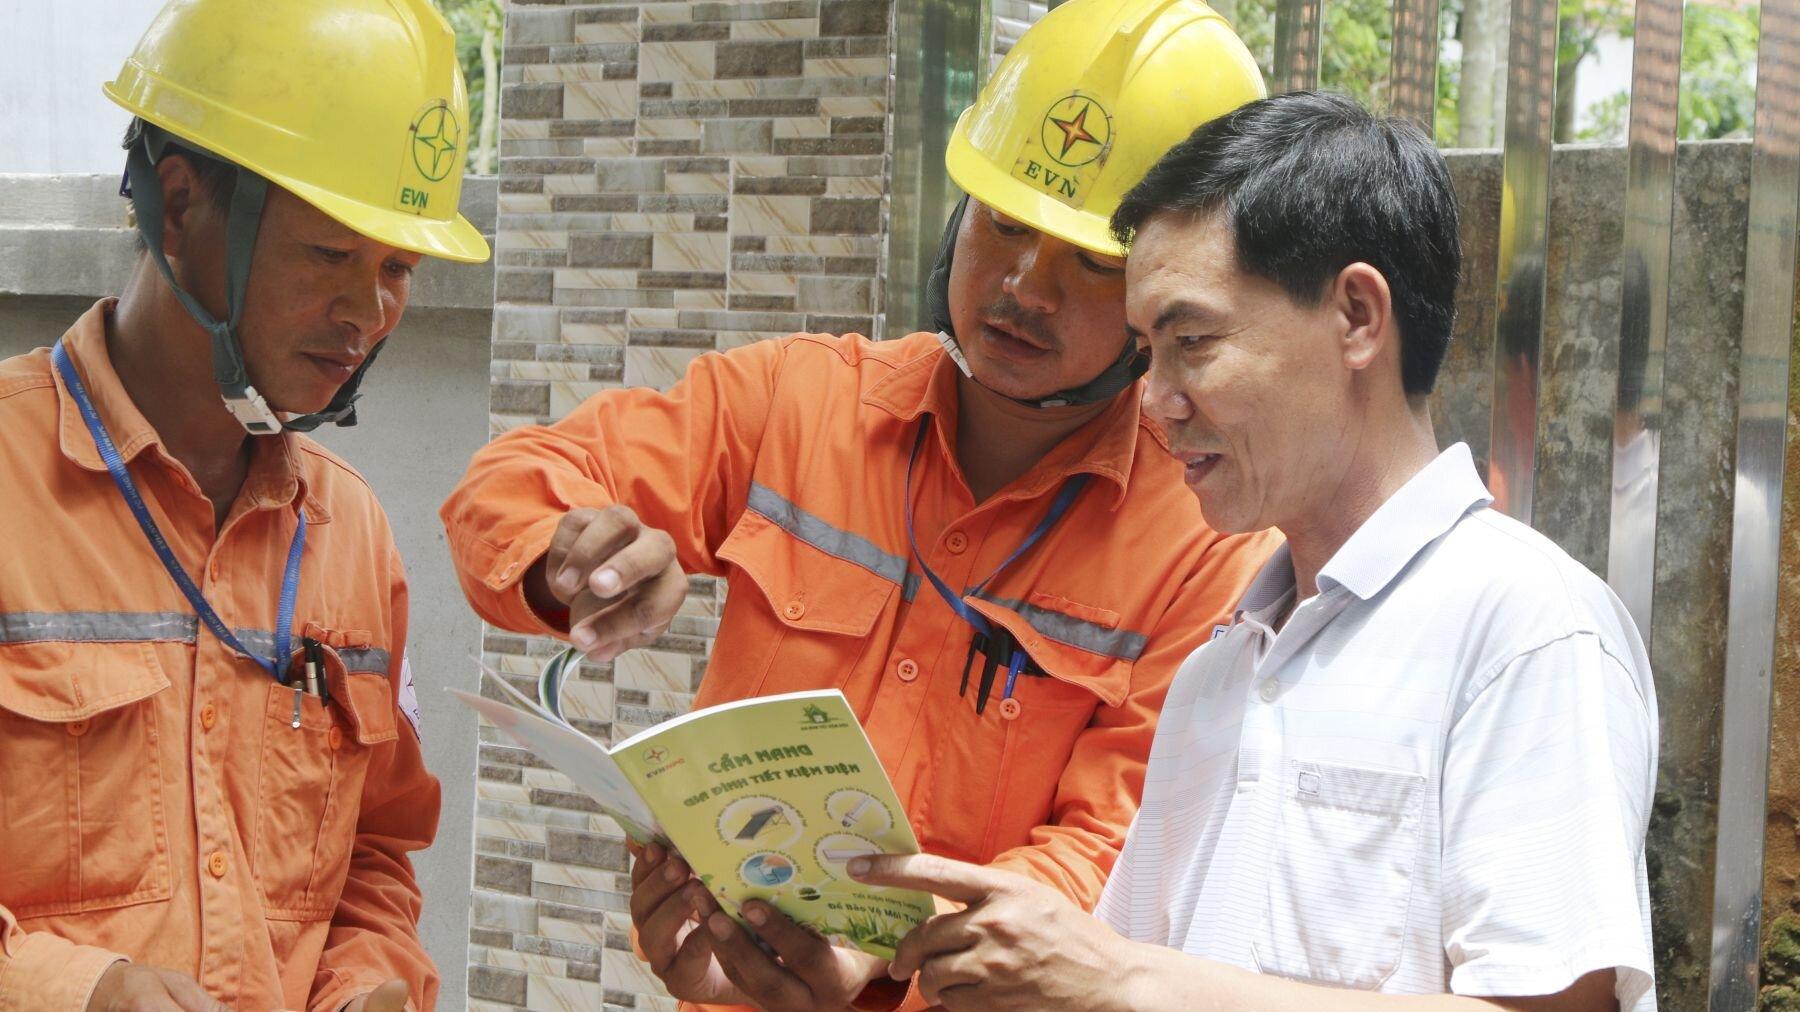 Chính phủ yêu cầu đánh giá tác động của giá điện, có kịch bản với giá xăng dầu tăng cao